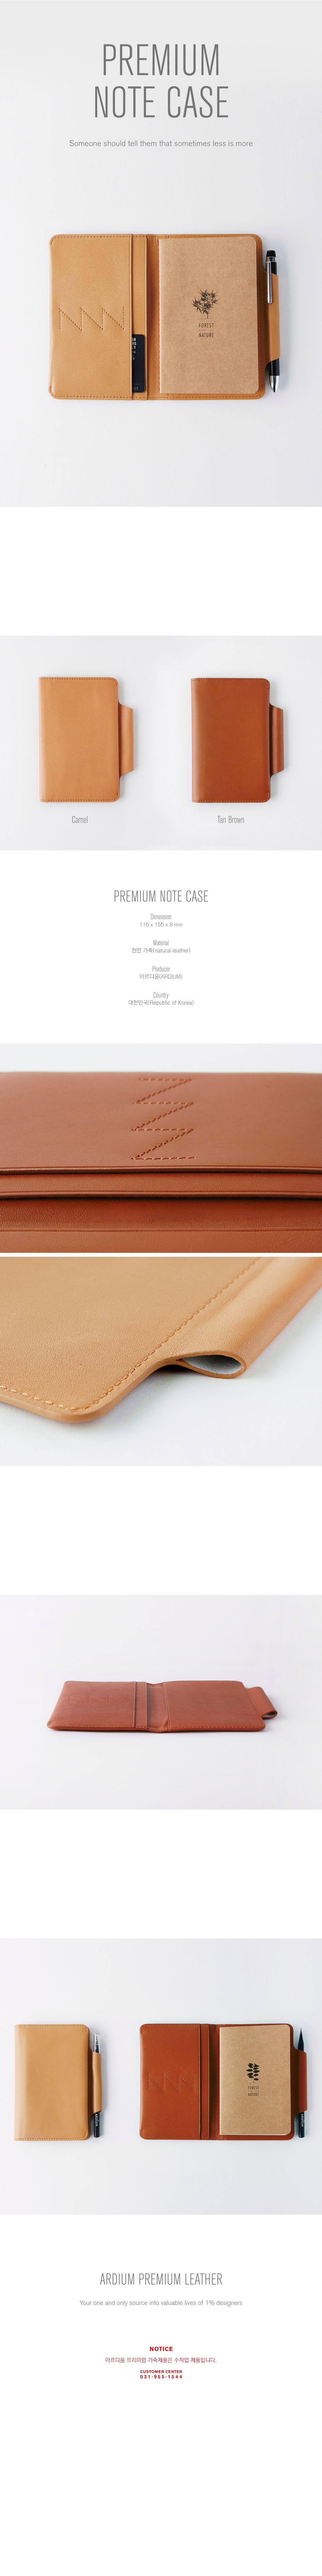 Premium Note Case